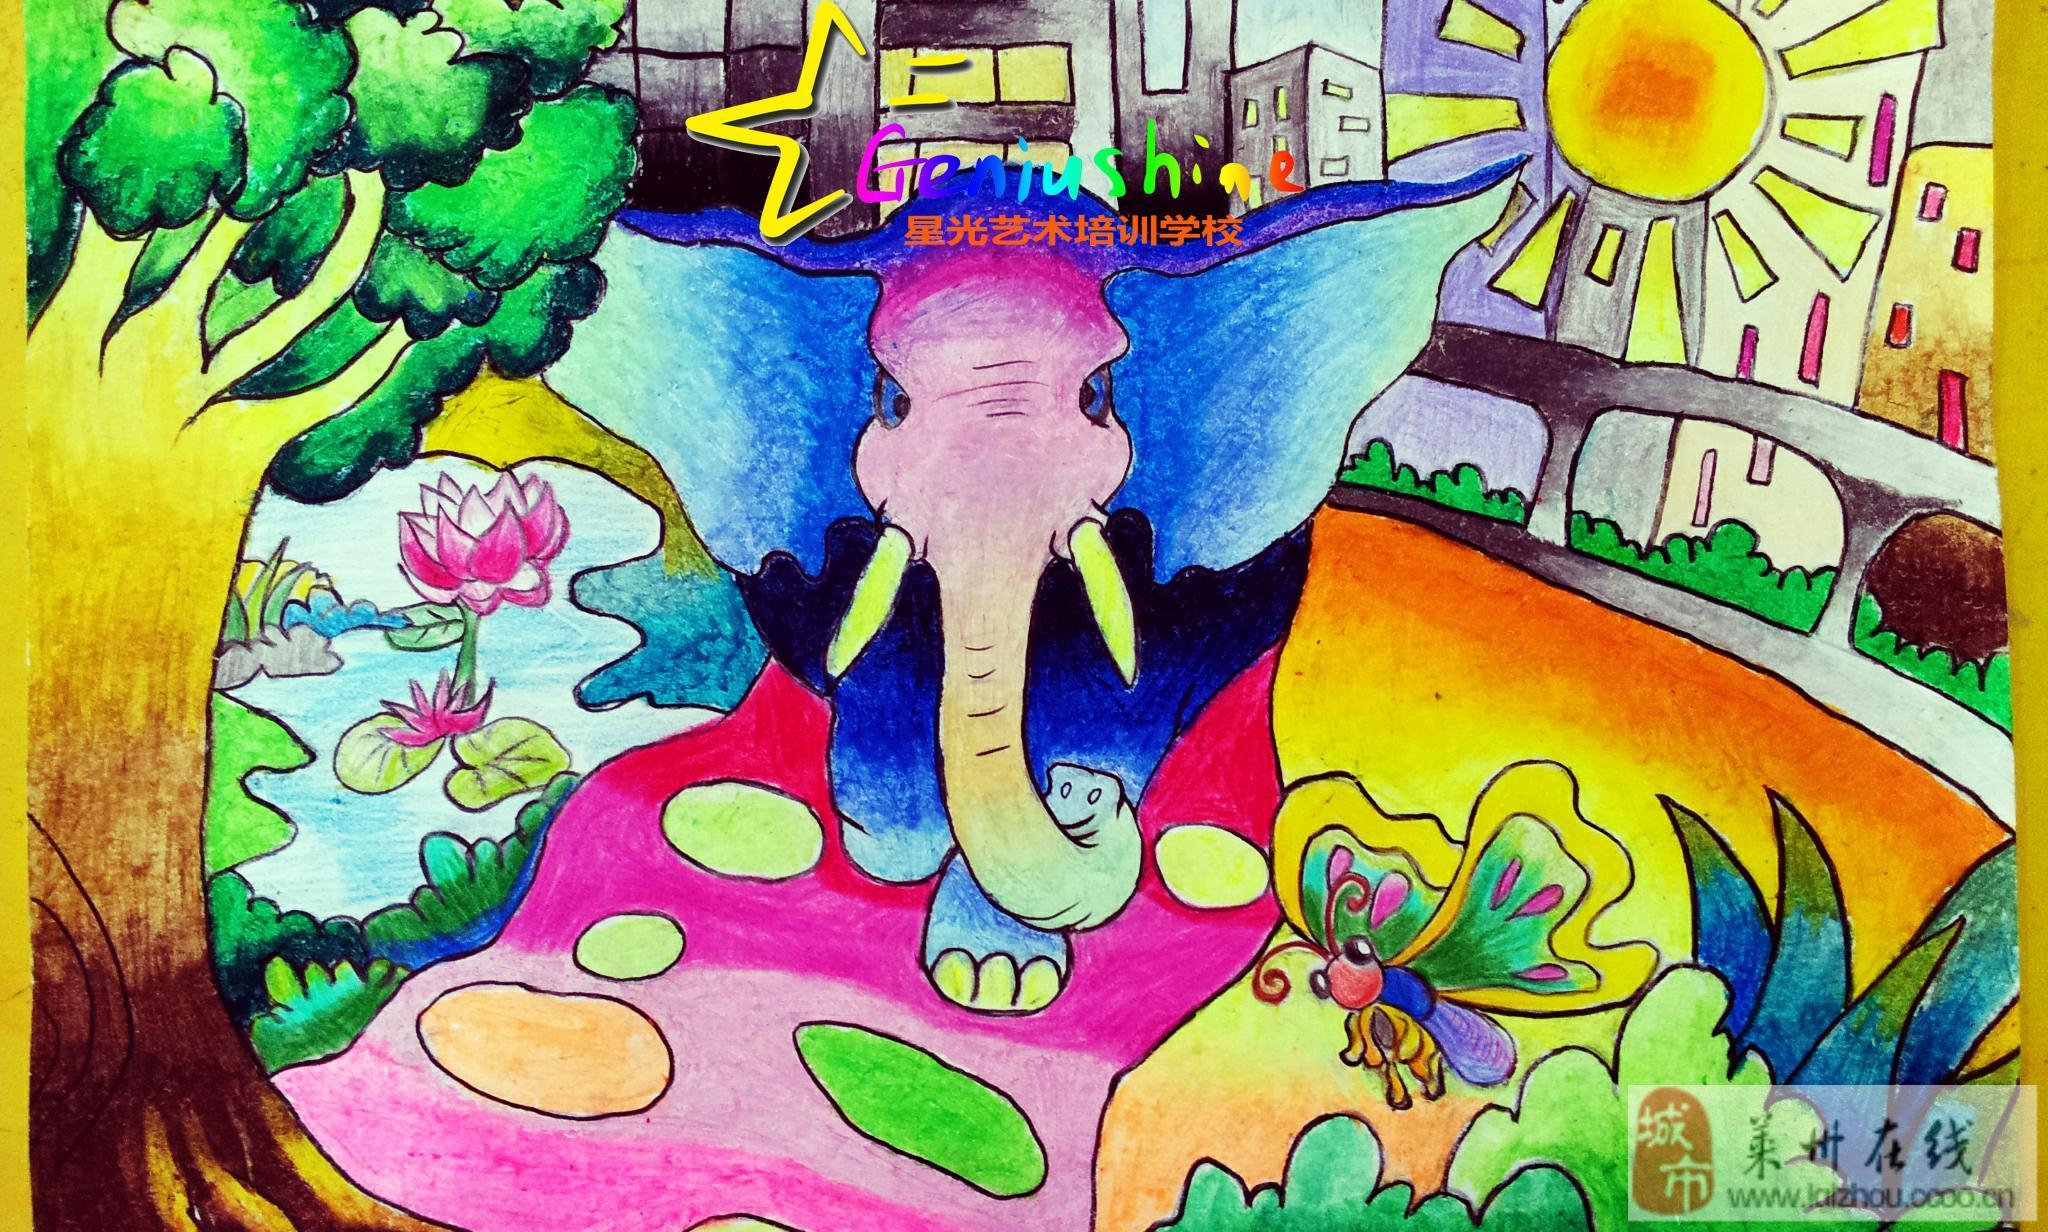 团购内容:giaeo少儿创意绘画